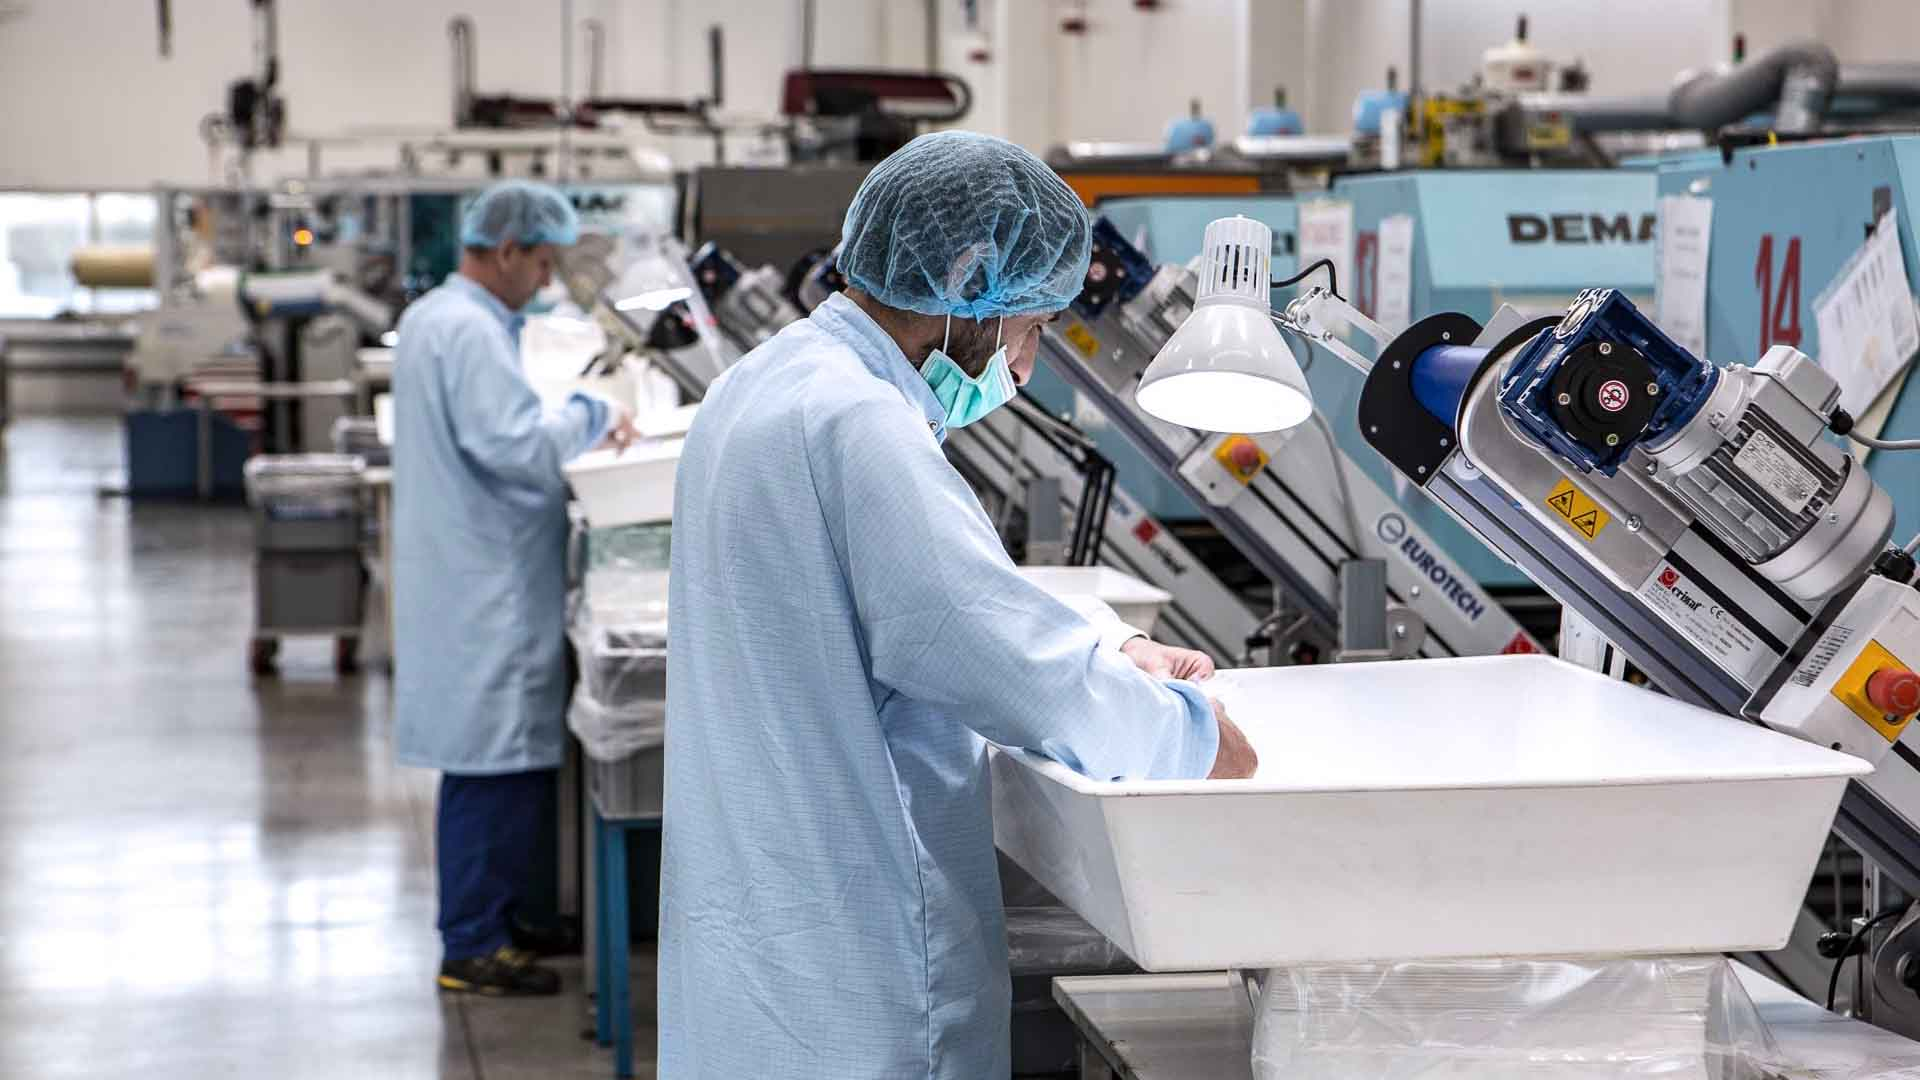 La plastica è usata per le attrezzature mediche